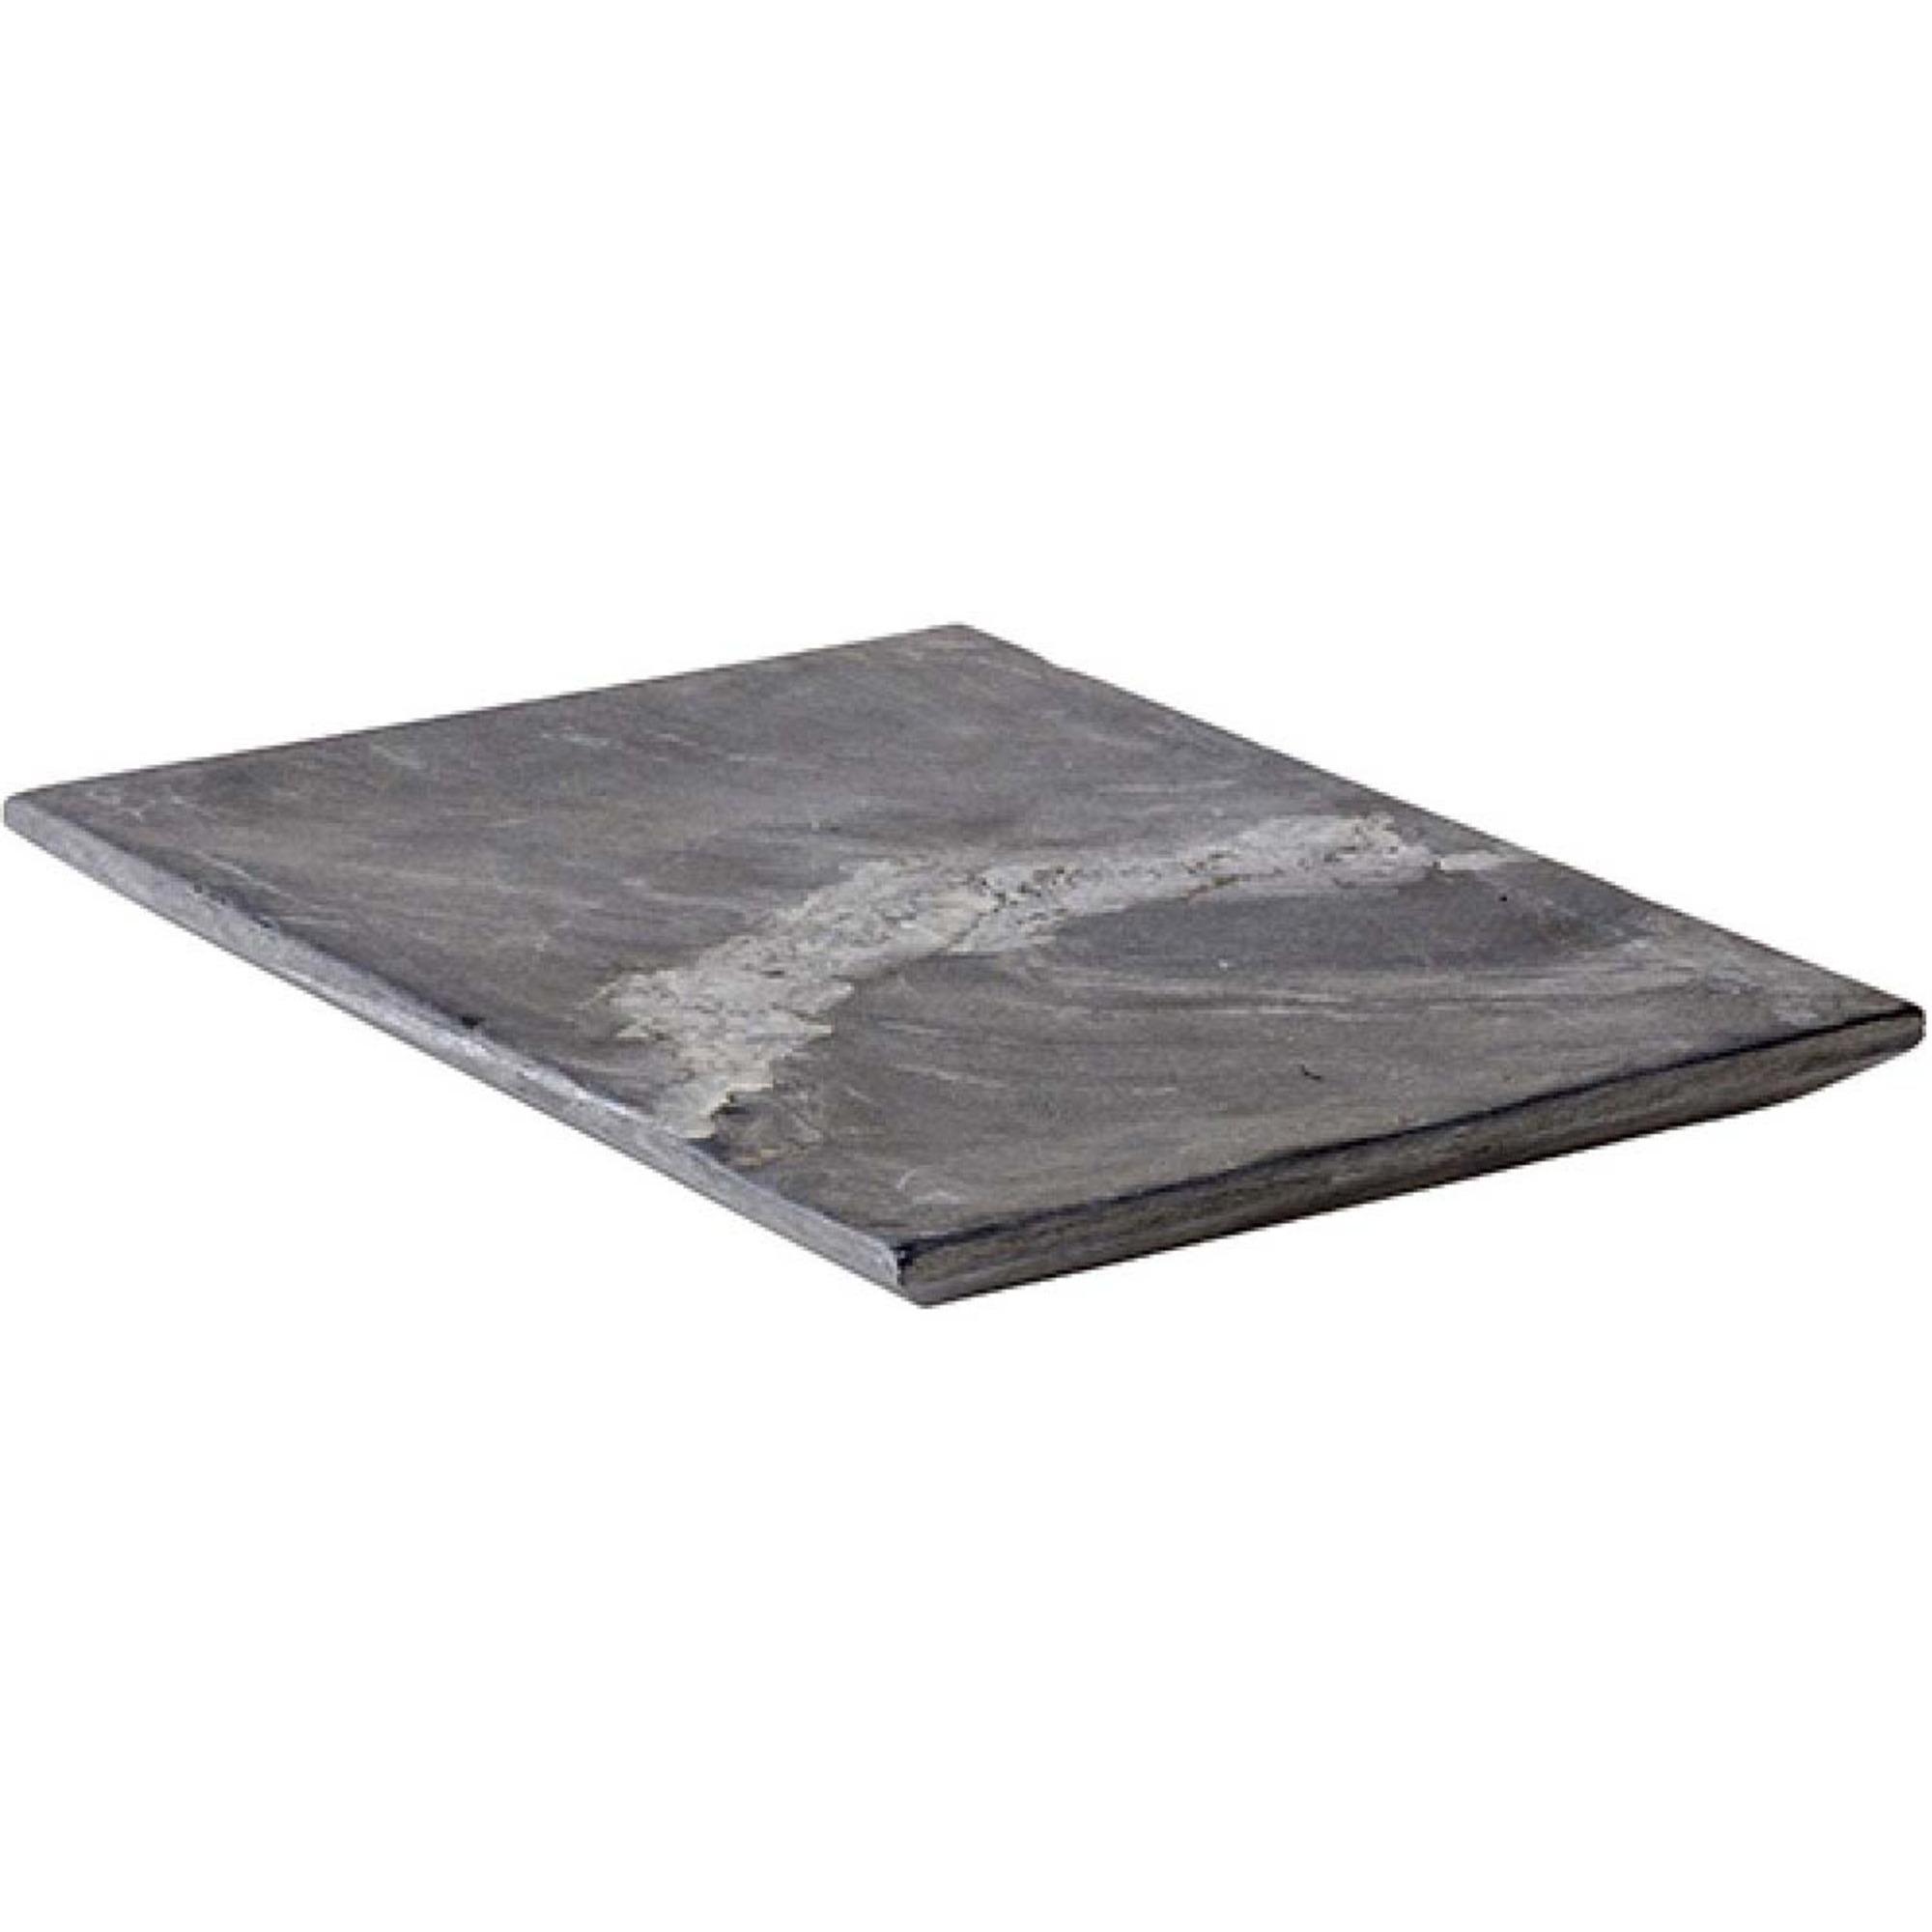 Bilde av Bahne & Co Serveringsplate Marmor Grå 28 X 22 Cm